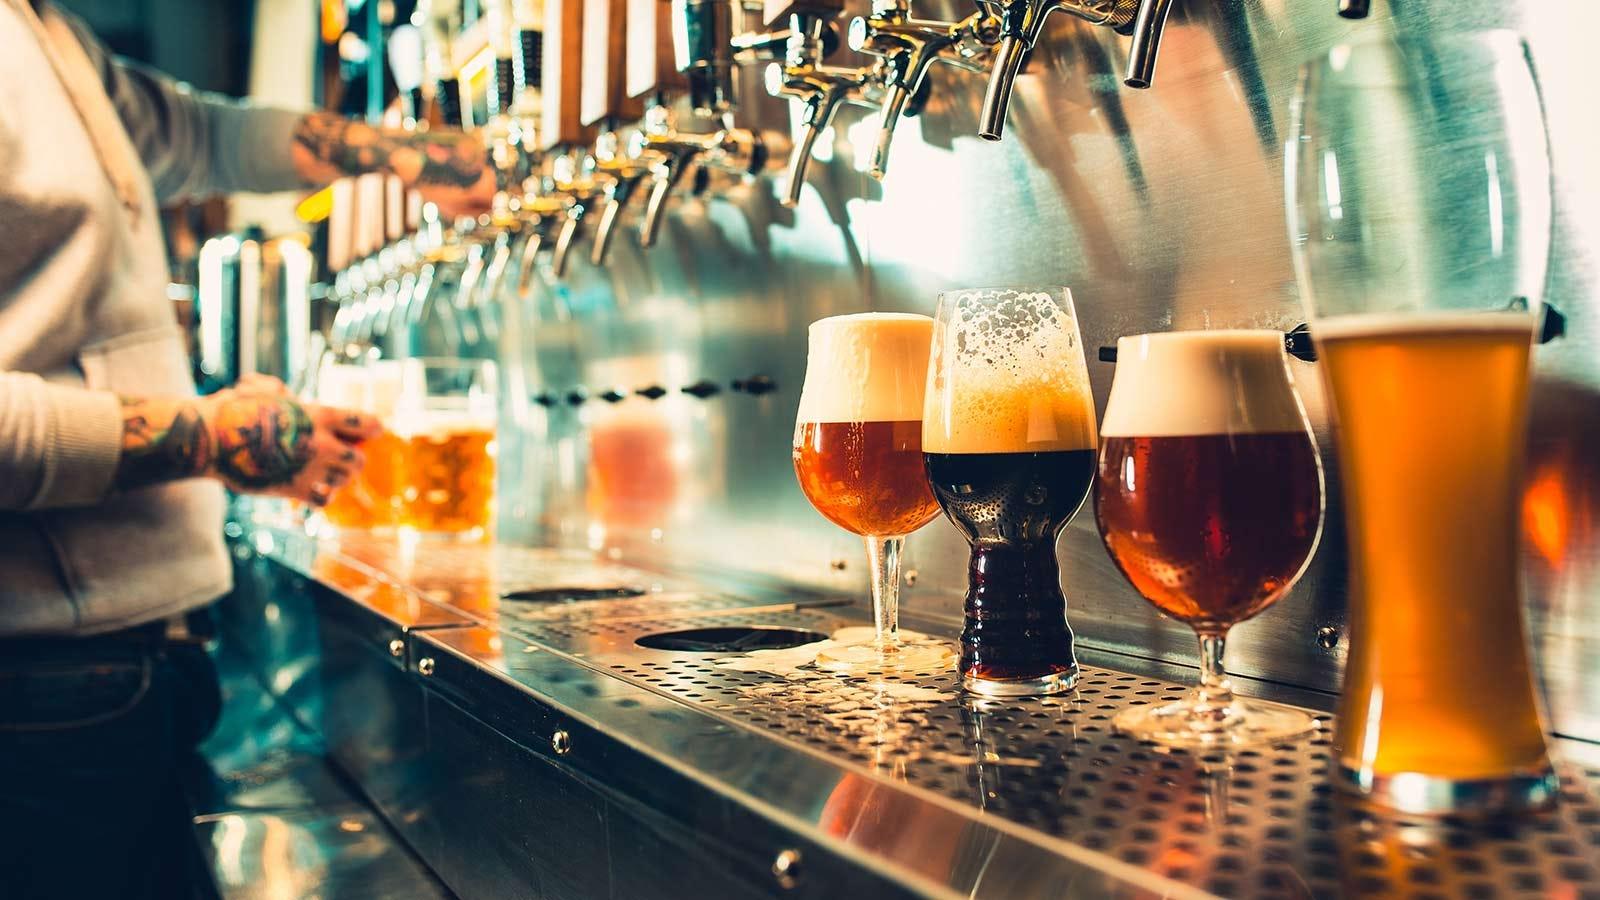 Bar tender filling up different kinds of beer glasses.